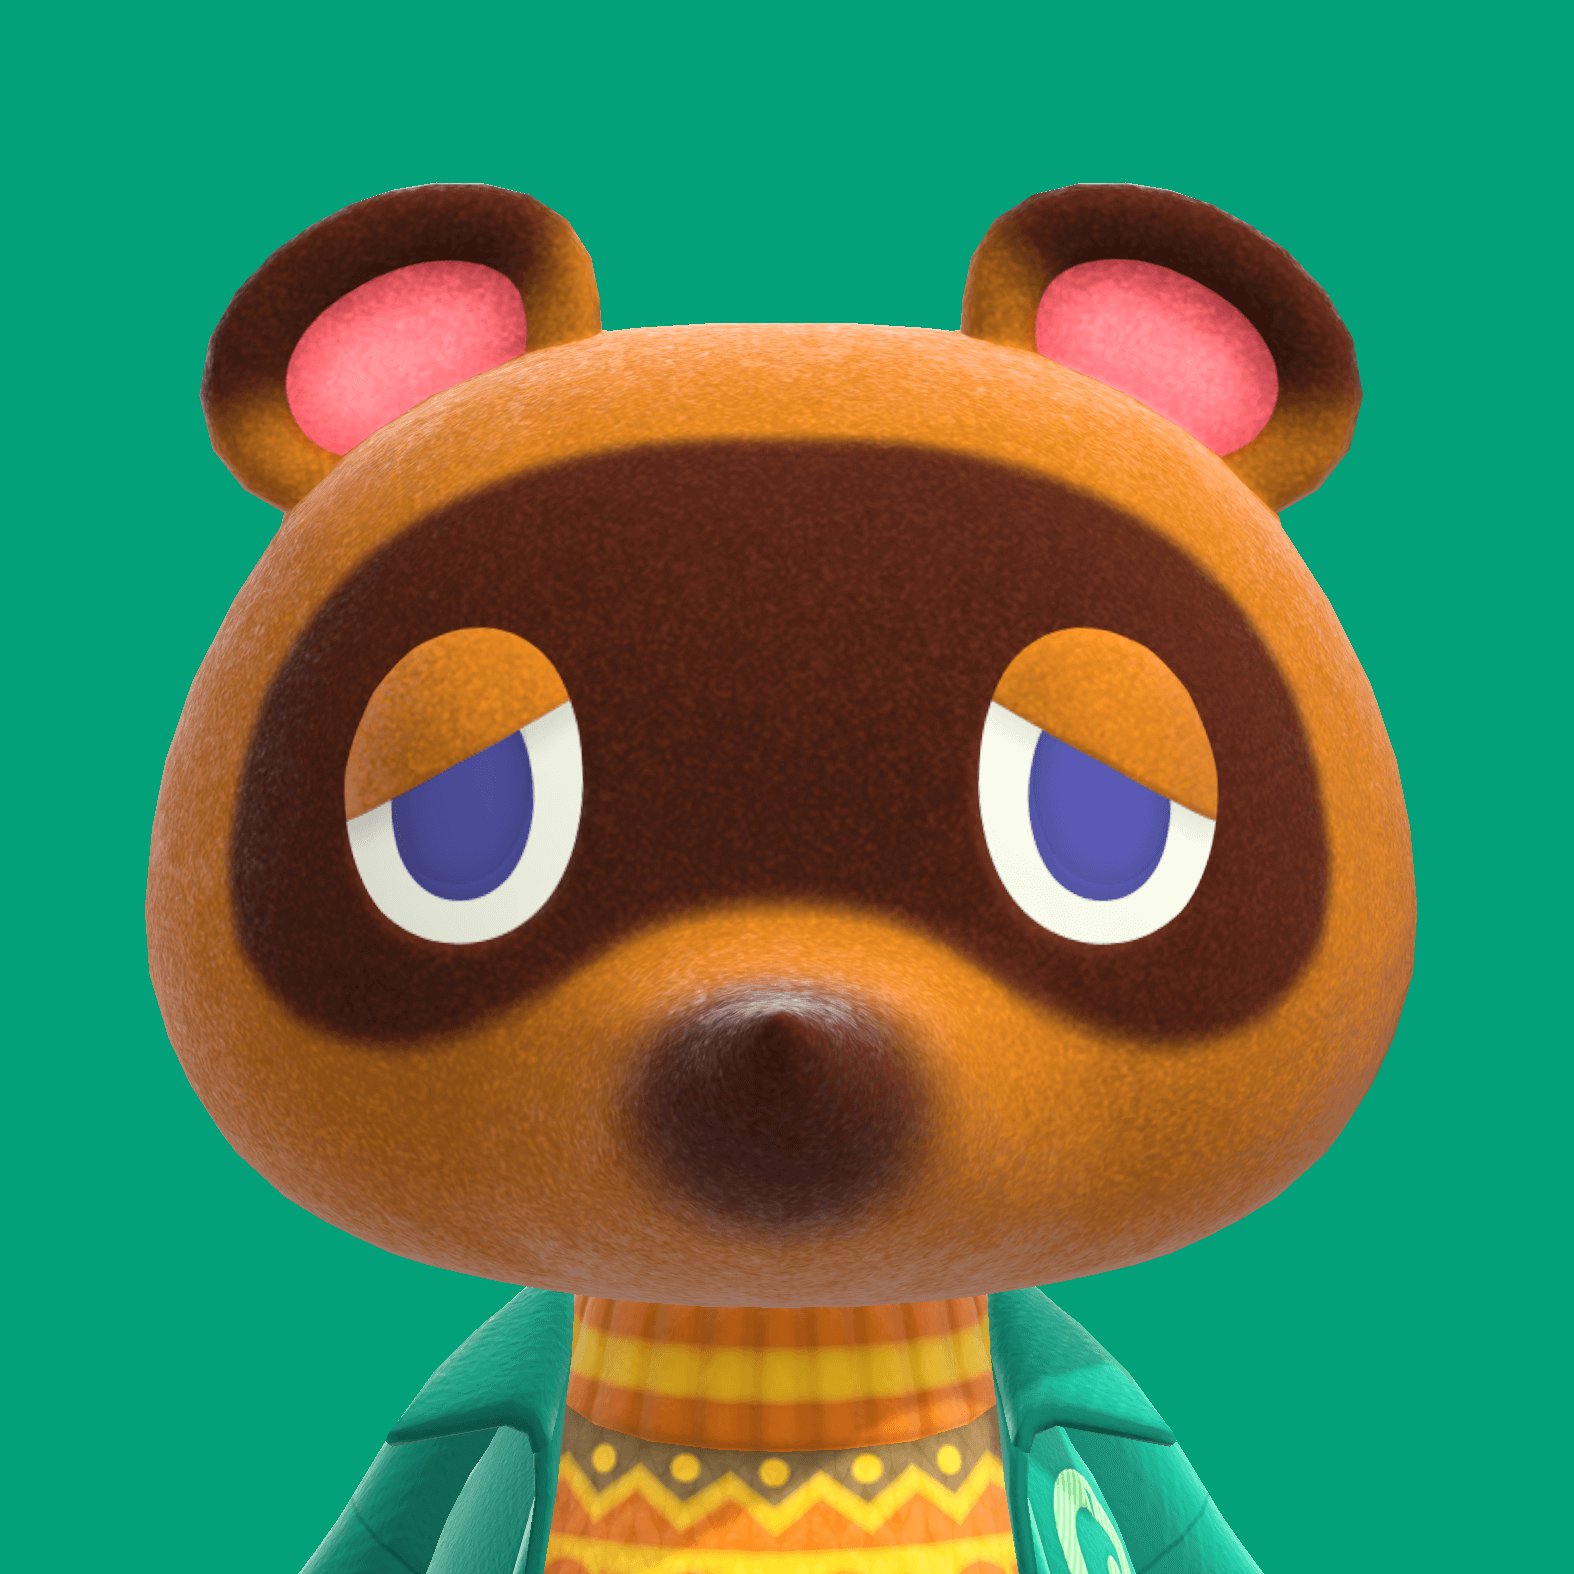 PandasPancakes1 avatar